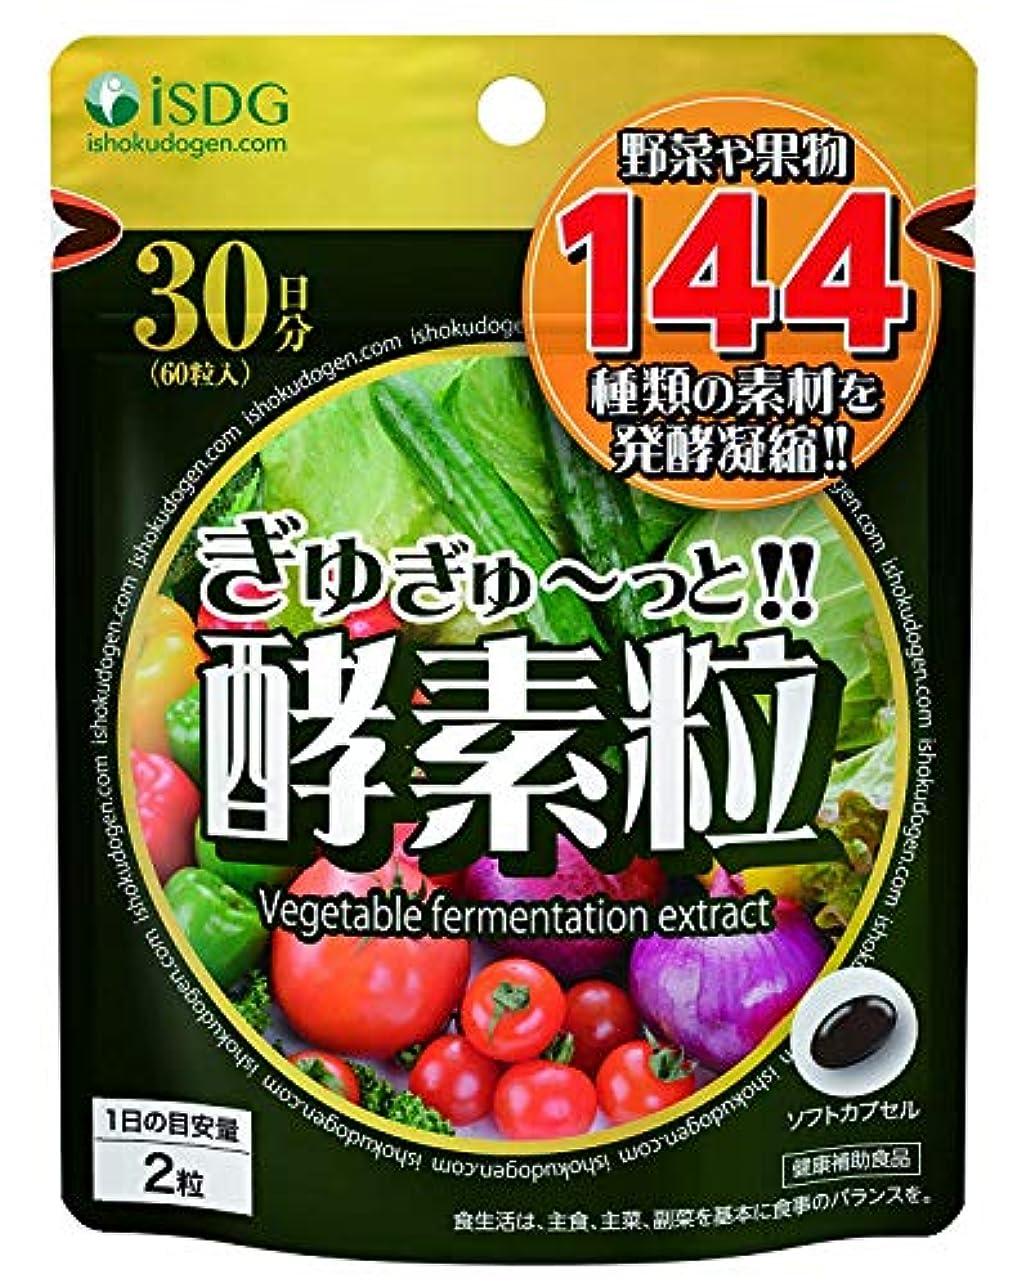 ハシー宝石球体医食同源ドットコム ぎゅぎゅーっと酵素粒 サプリメント 300mg×60粒 30日分